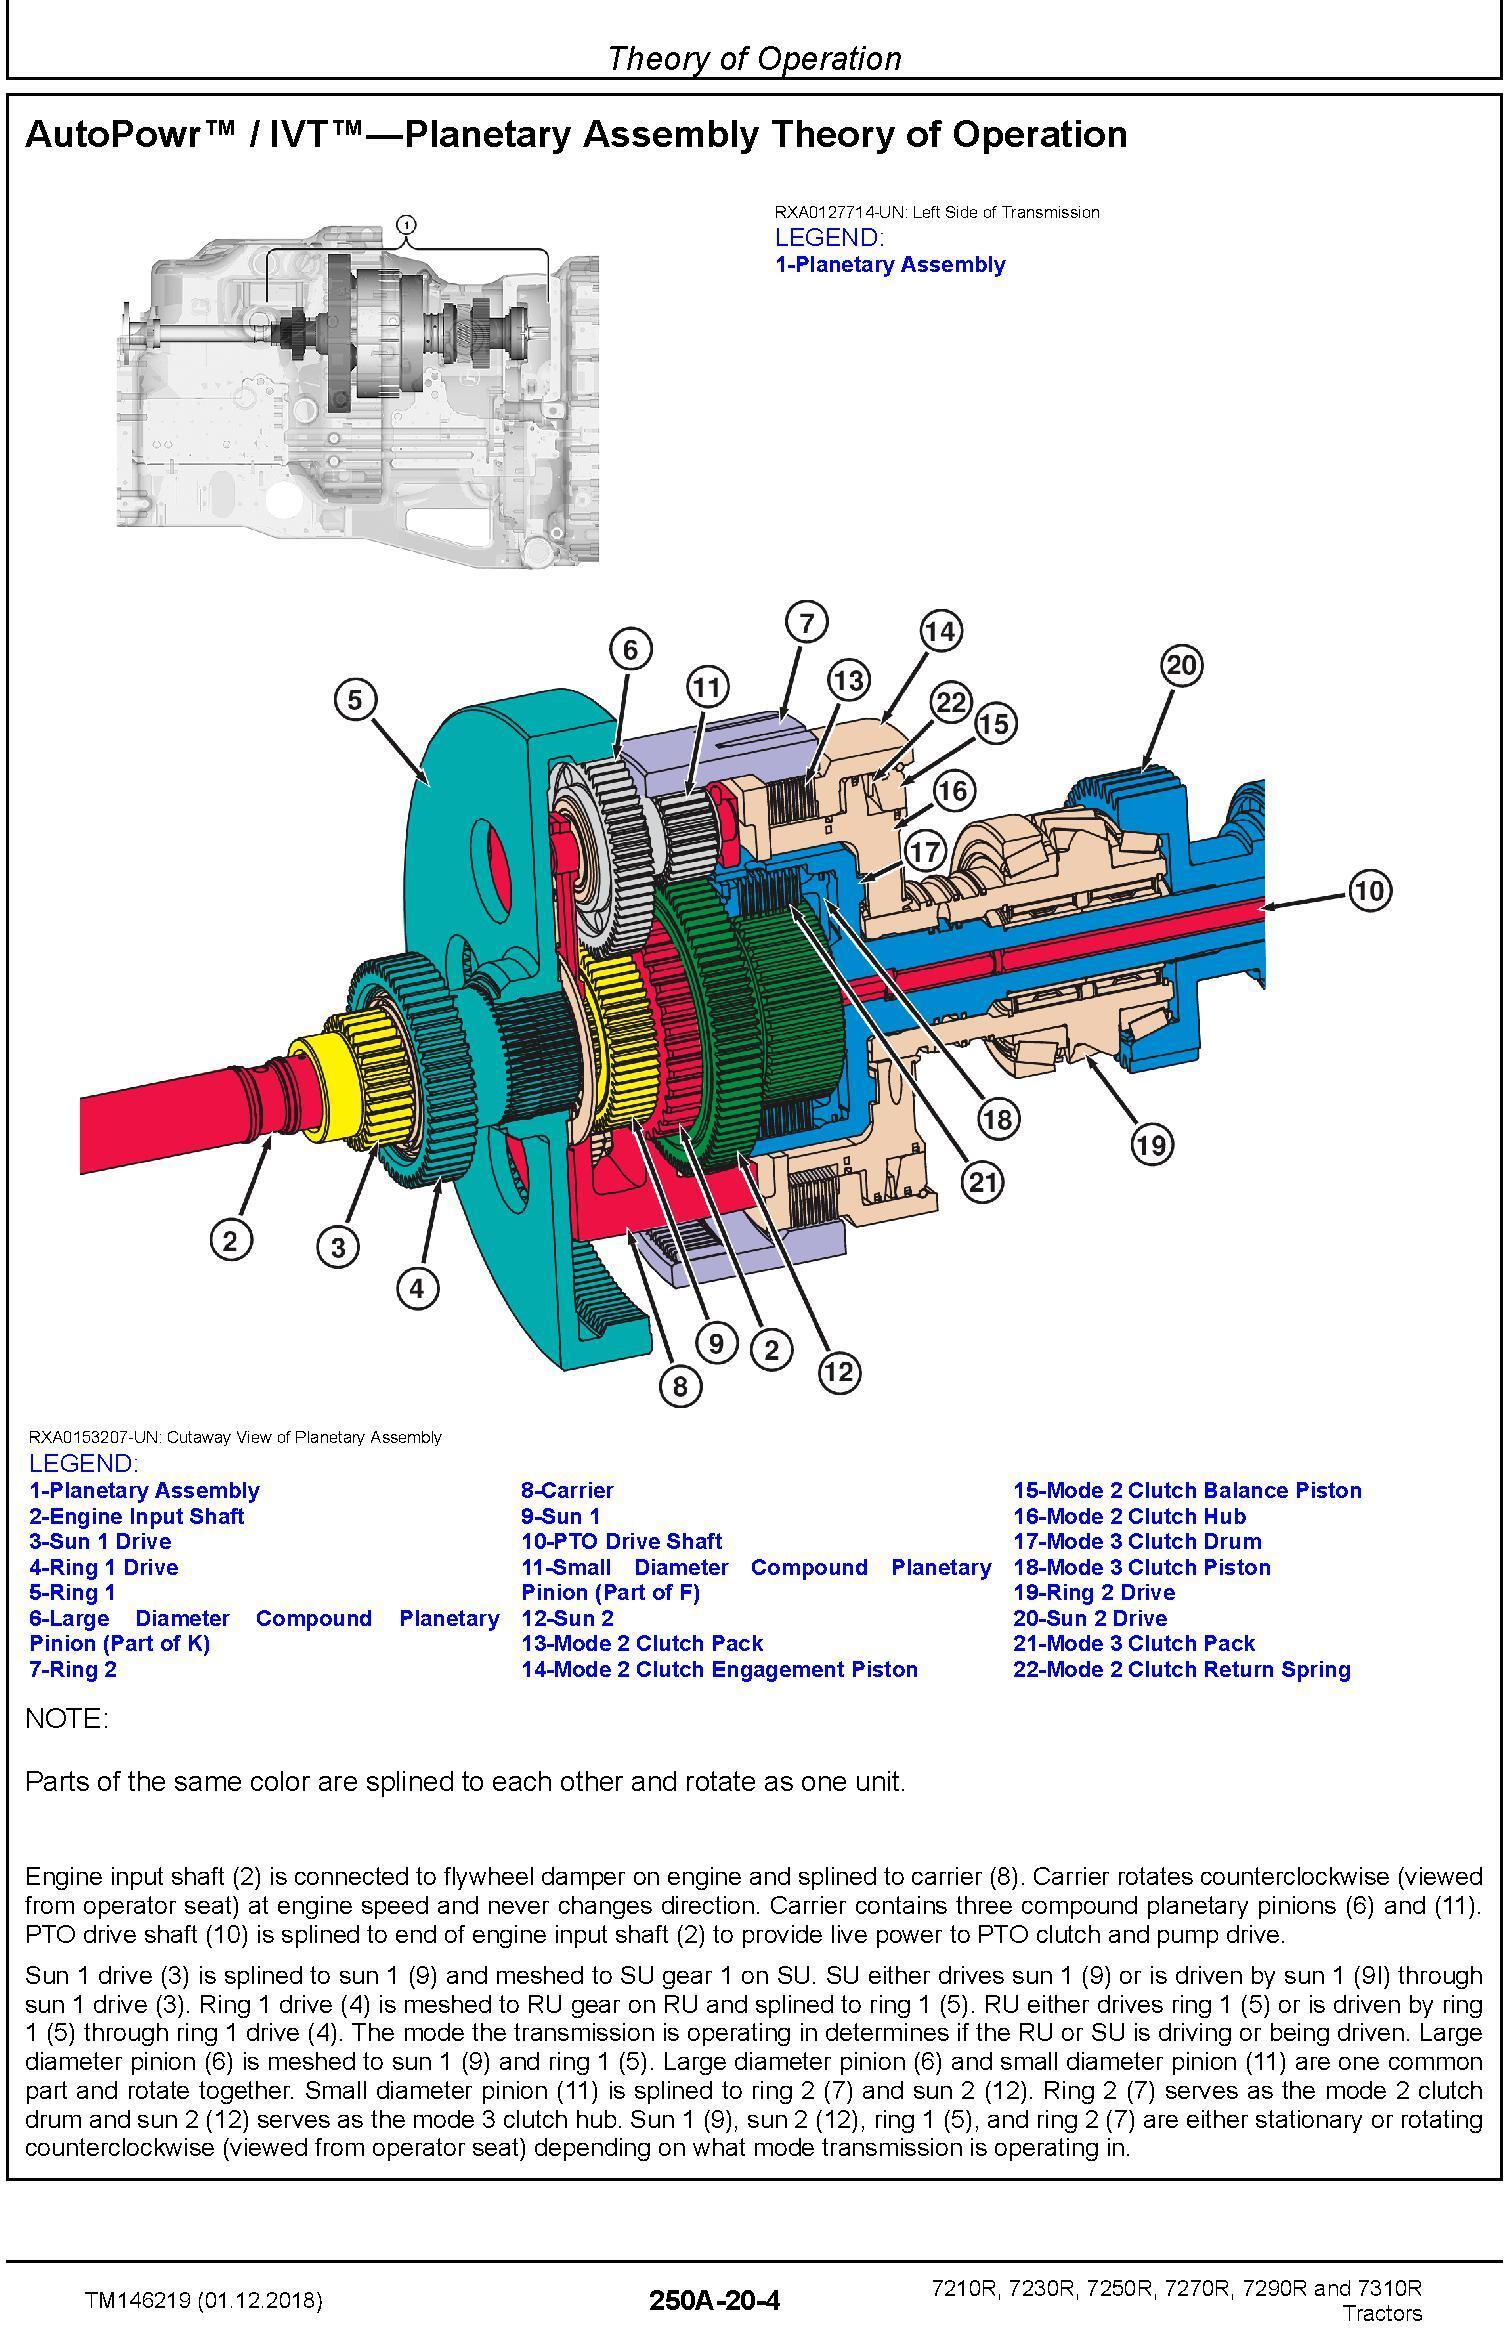 John Deere 7210R, 7230R, 7250R, 7270R, 7290R, 7310R Tractors Diagnostic Technical Manual (TM146219) - 2